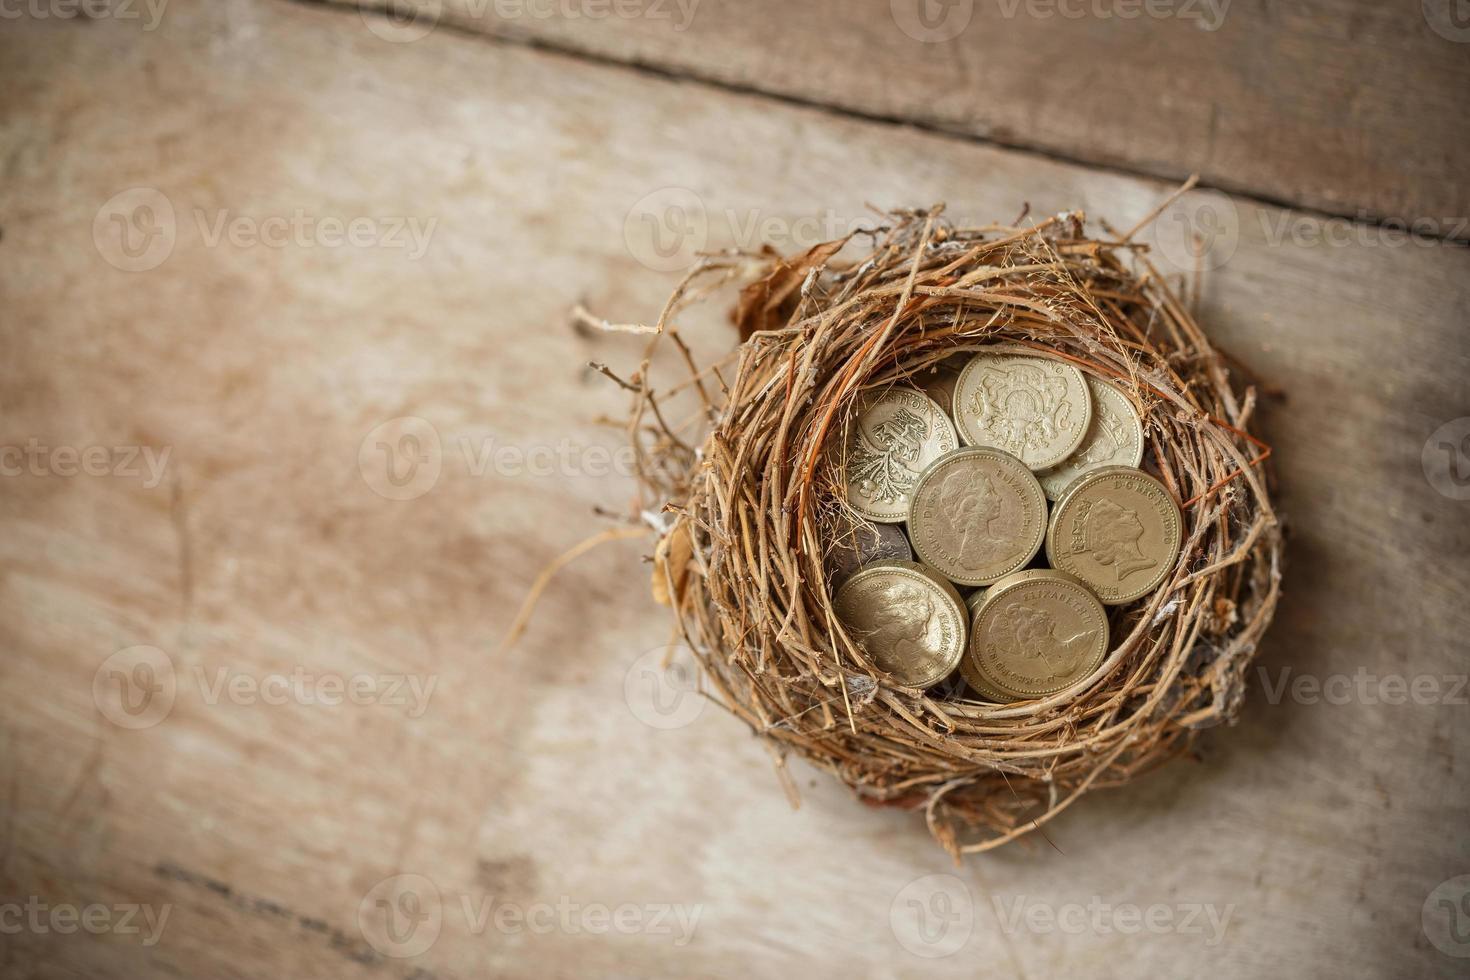 moedas de libra esterlina com ninho de pássaro e ovo quebrado foto